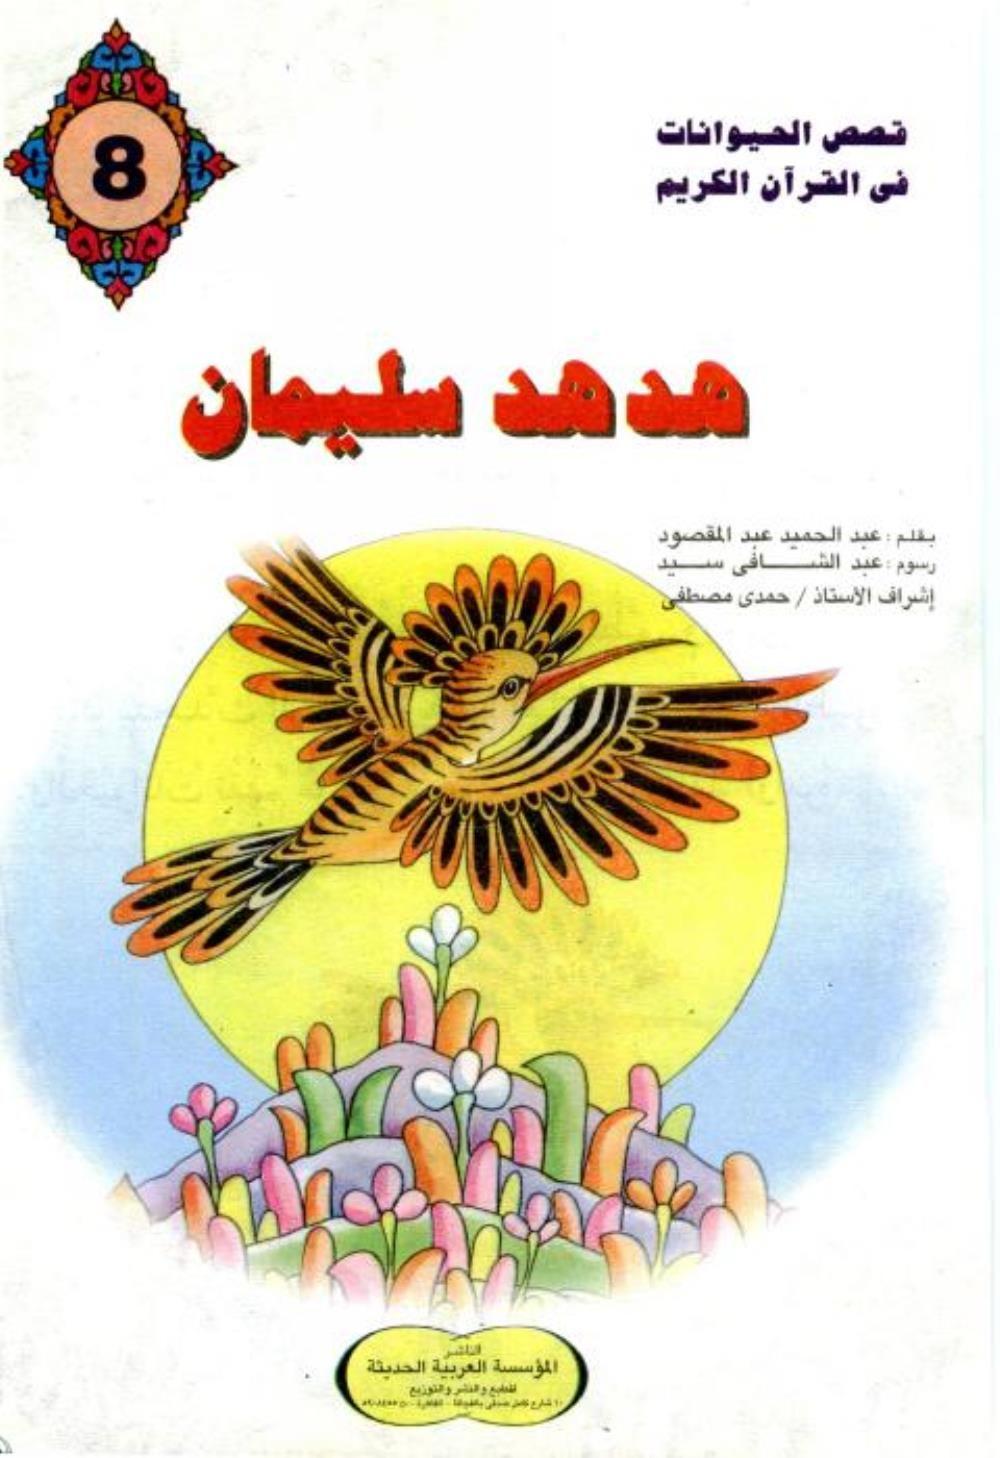 هدهد سليمان قصص الحيوانات في القران الكريم للاطفال Cards Playing Cards Art